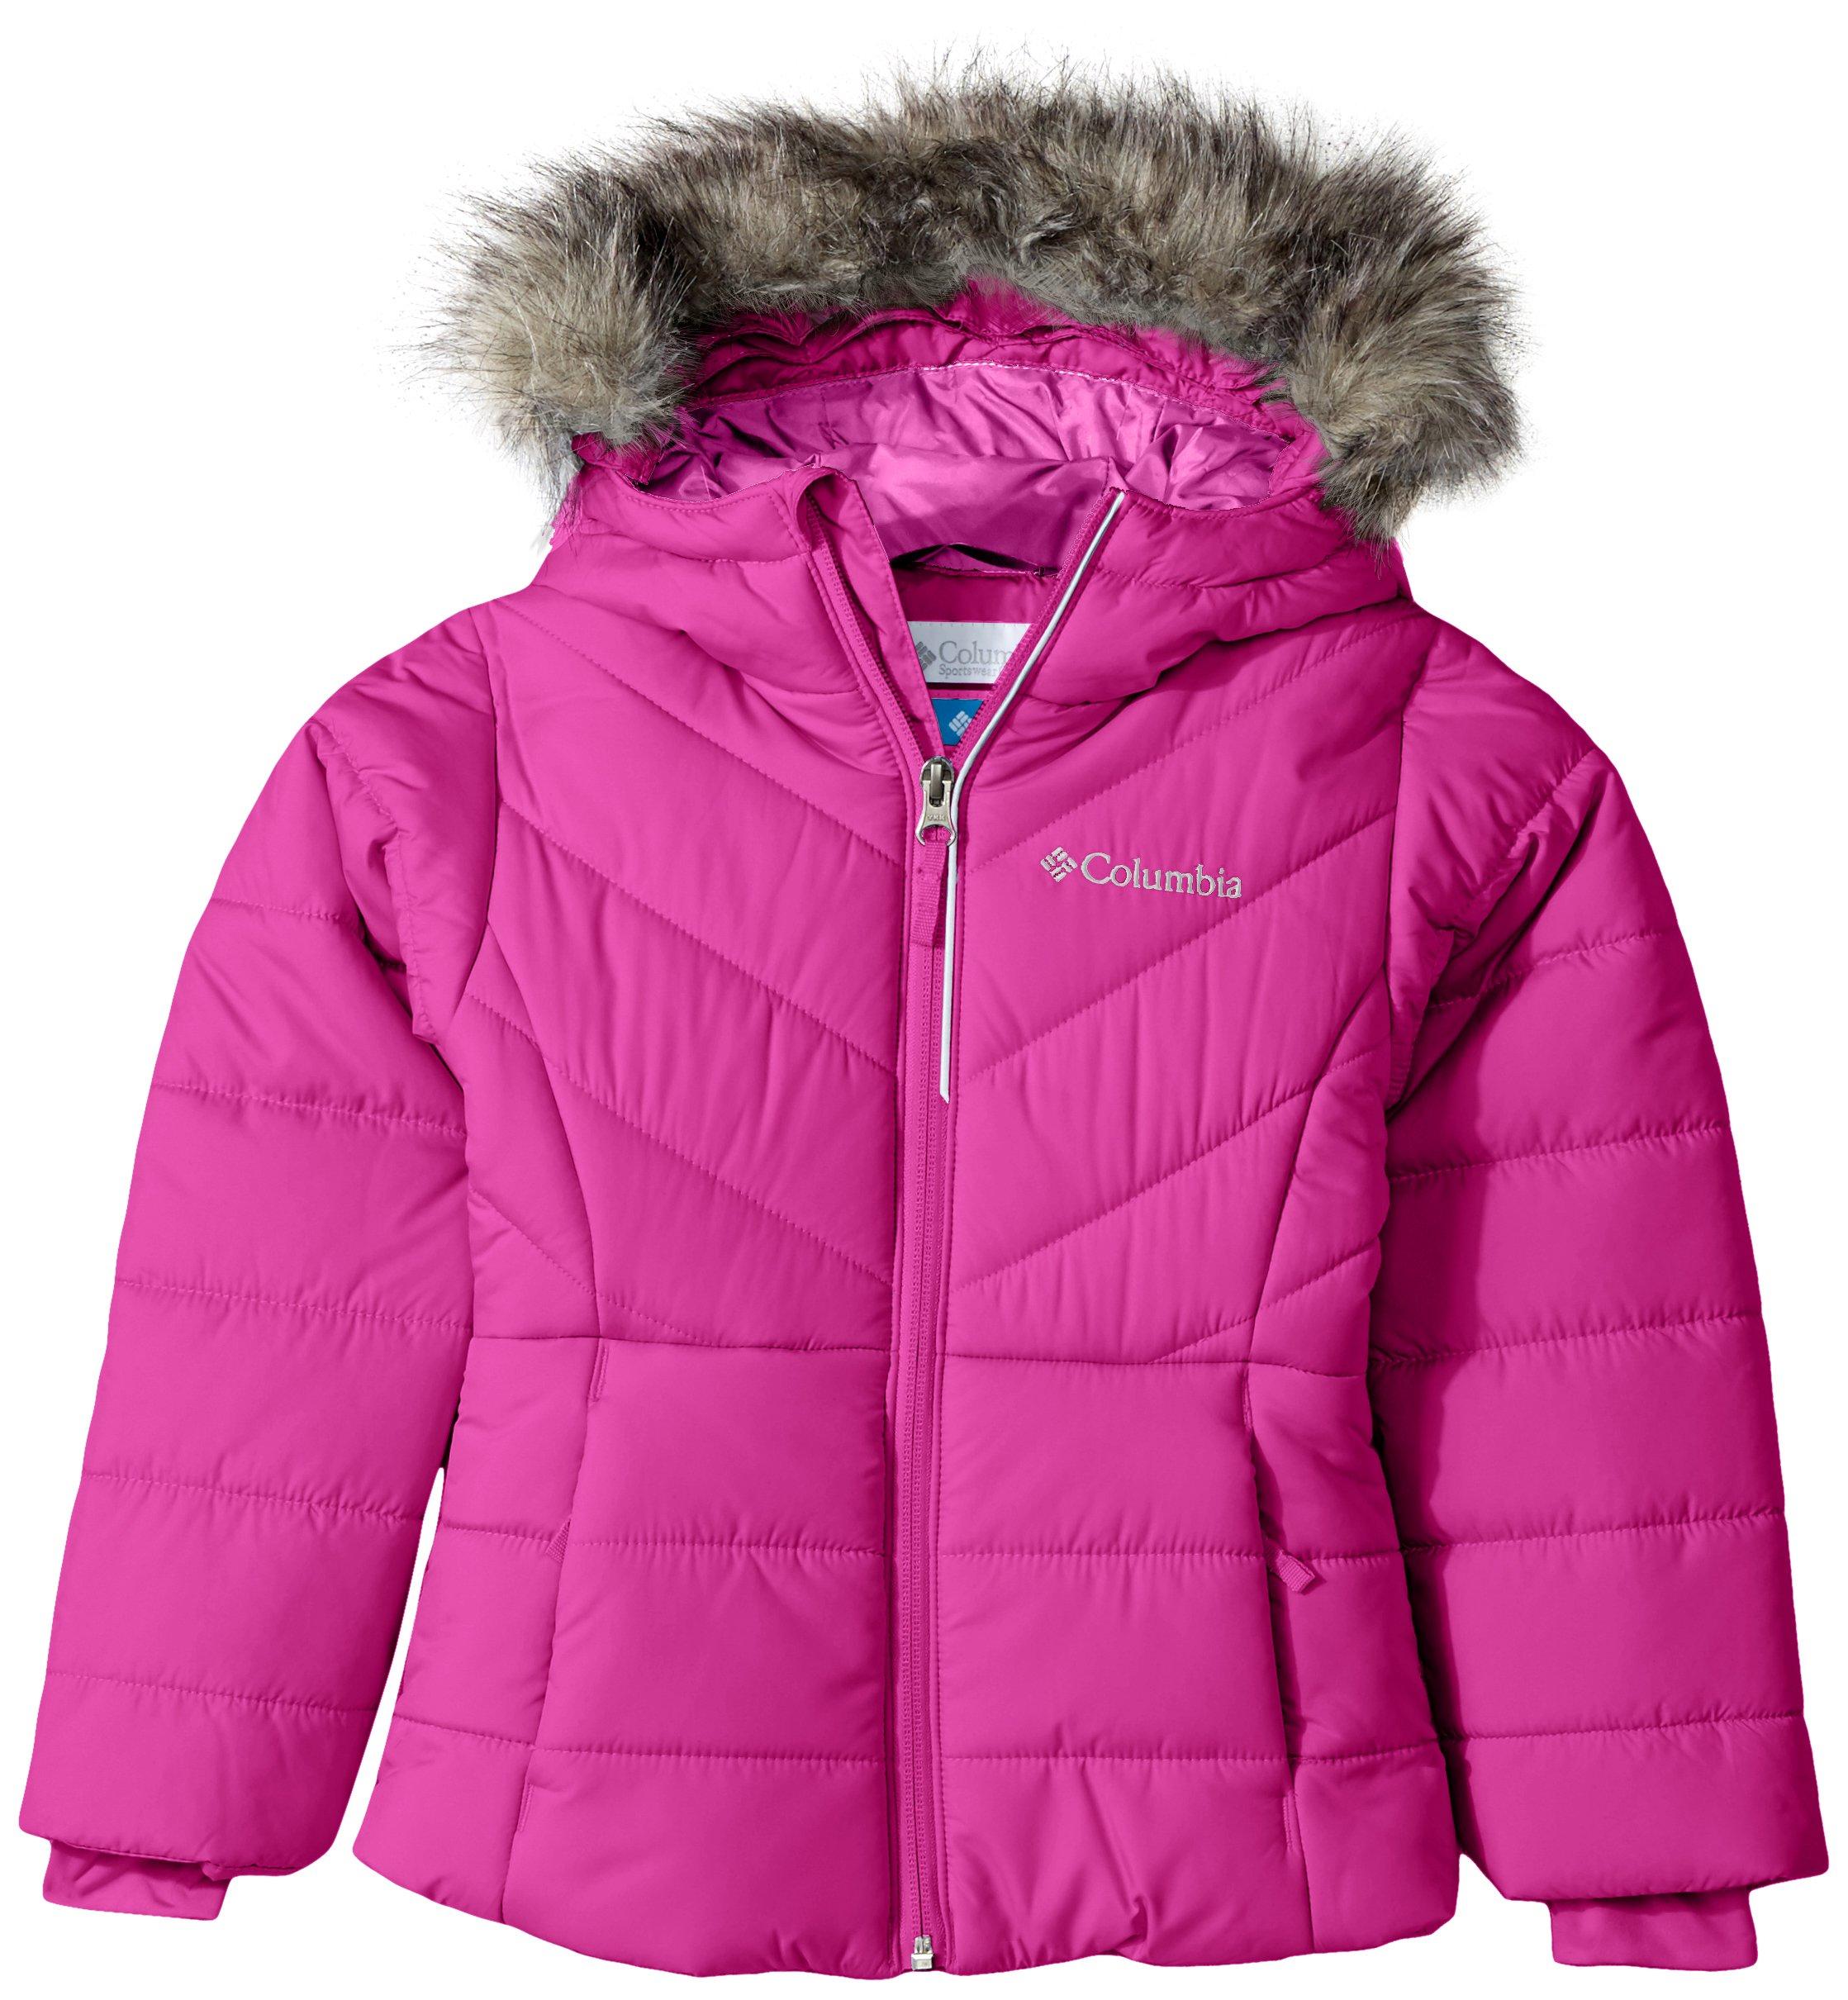 Columbia Toddler Girls' Katelyn Crest Jacket, Deep Blush, 3T